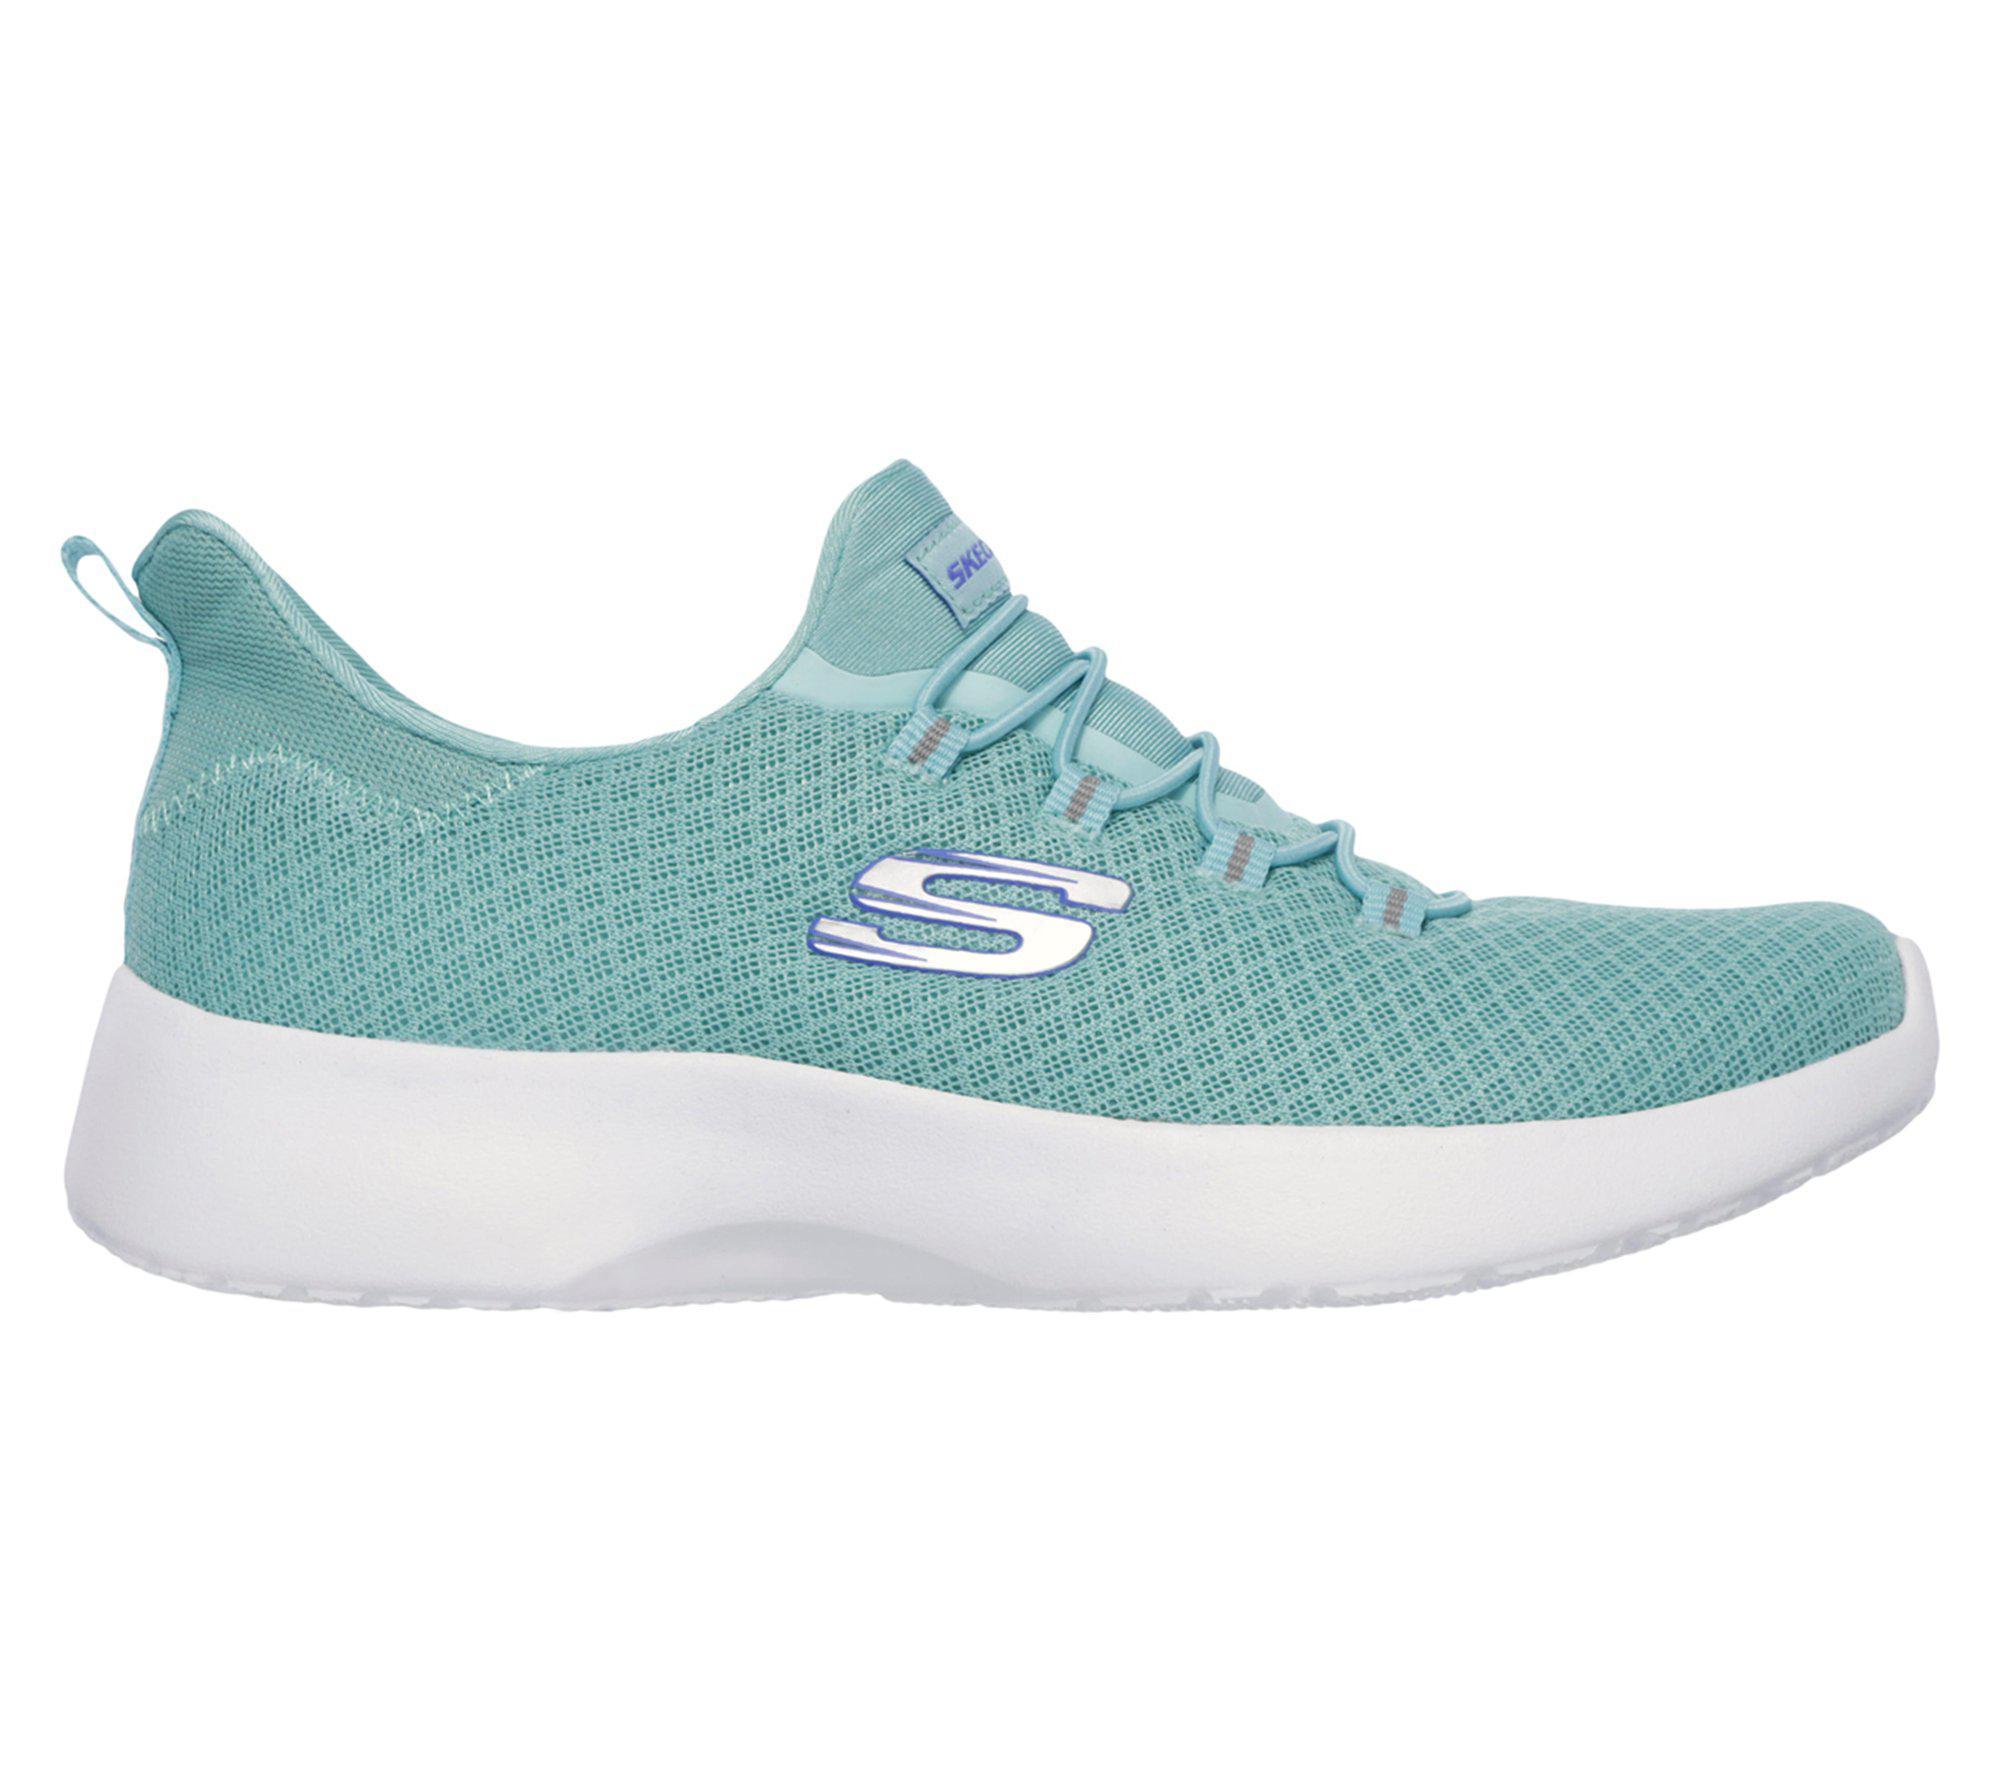 66a066174991 Lyst - Skechers Dynamight in Blue